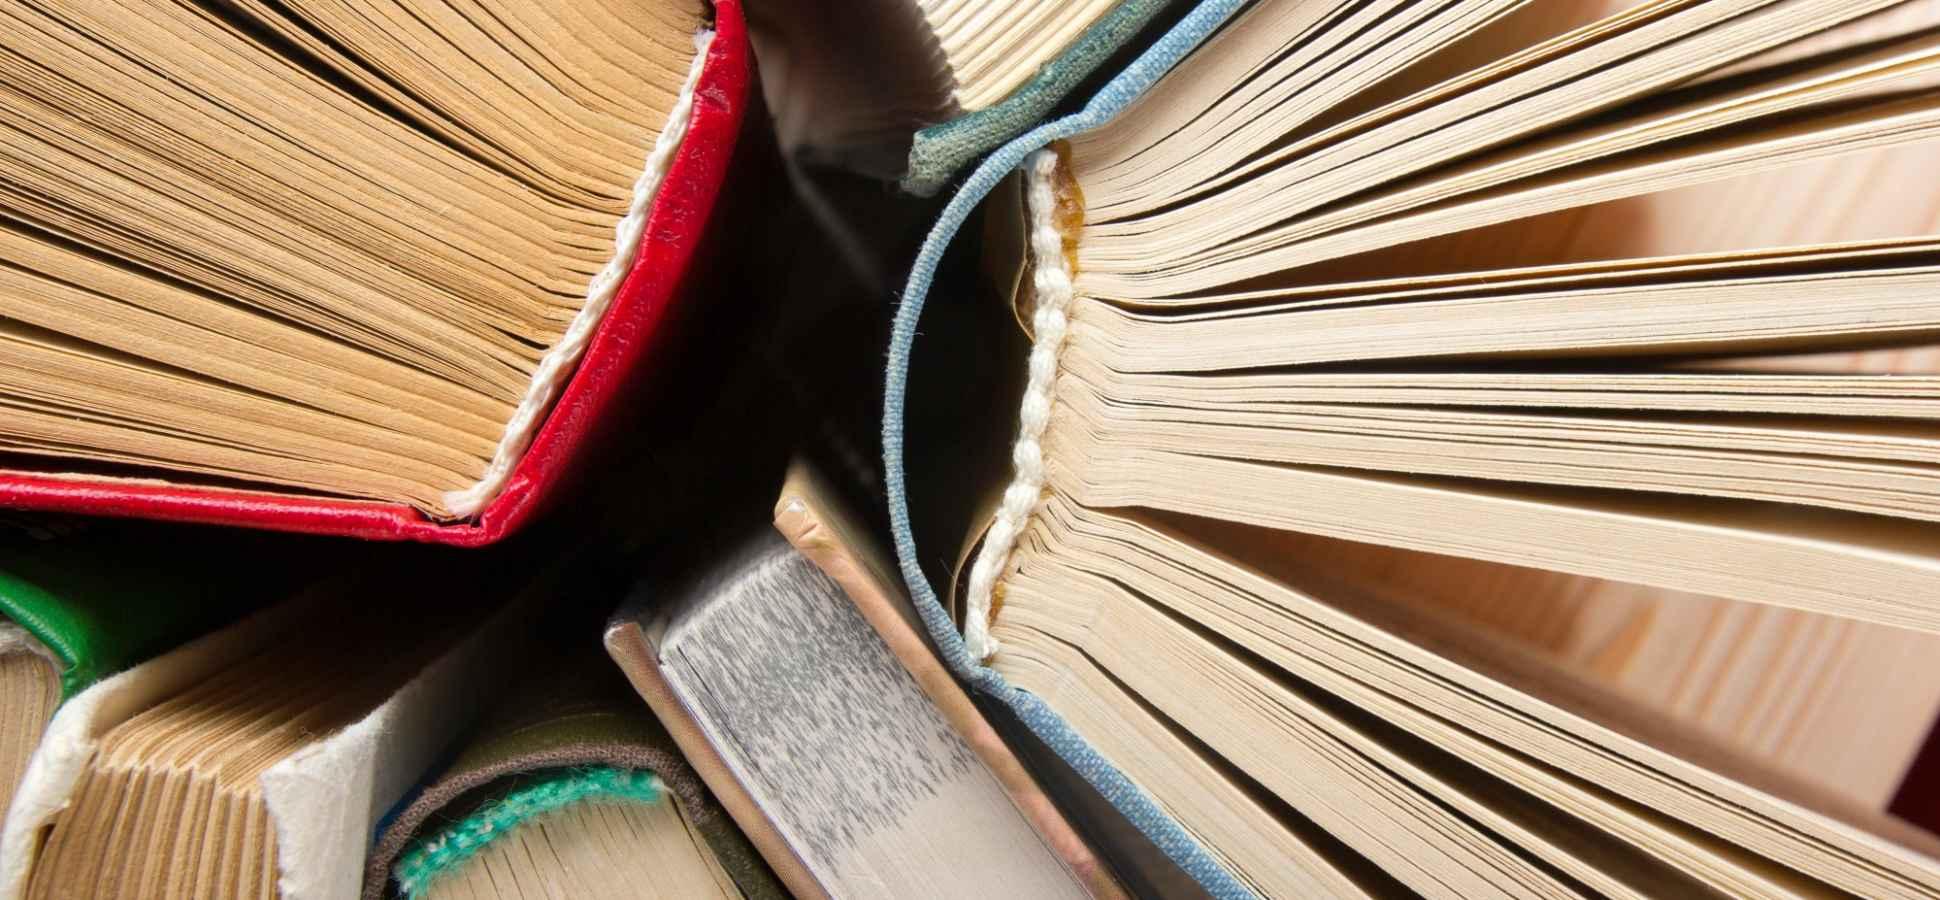 The 7 Best Books for Entrepreneurs in 2016